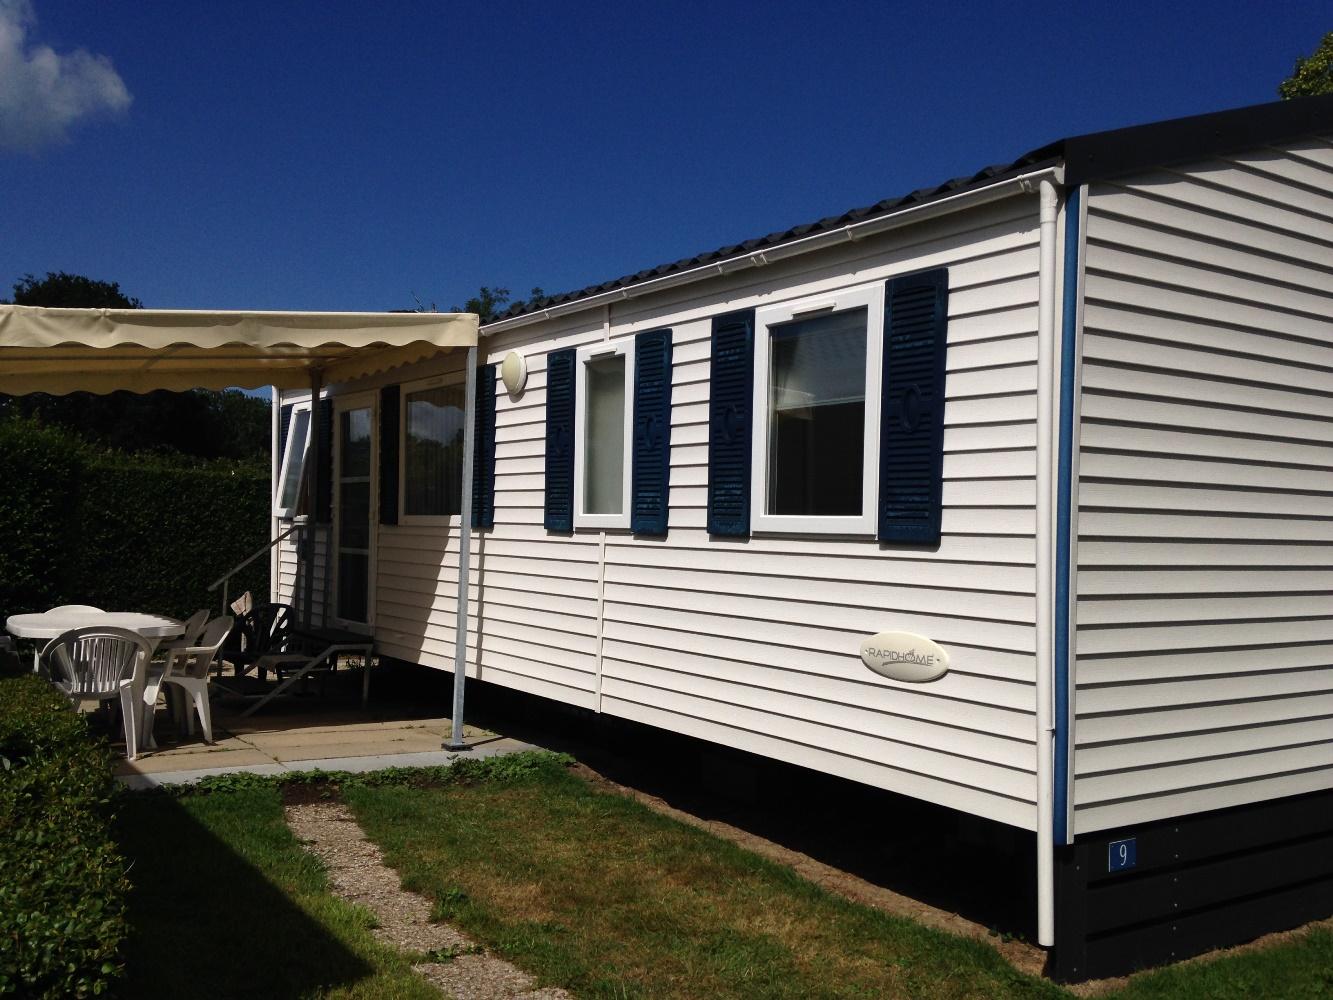 Location Mobil Home 3 Chambres Au Camping De La Chanterie, Camping Avec  Piscine Chauffée, ...